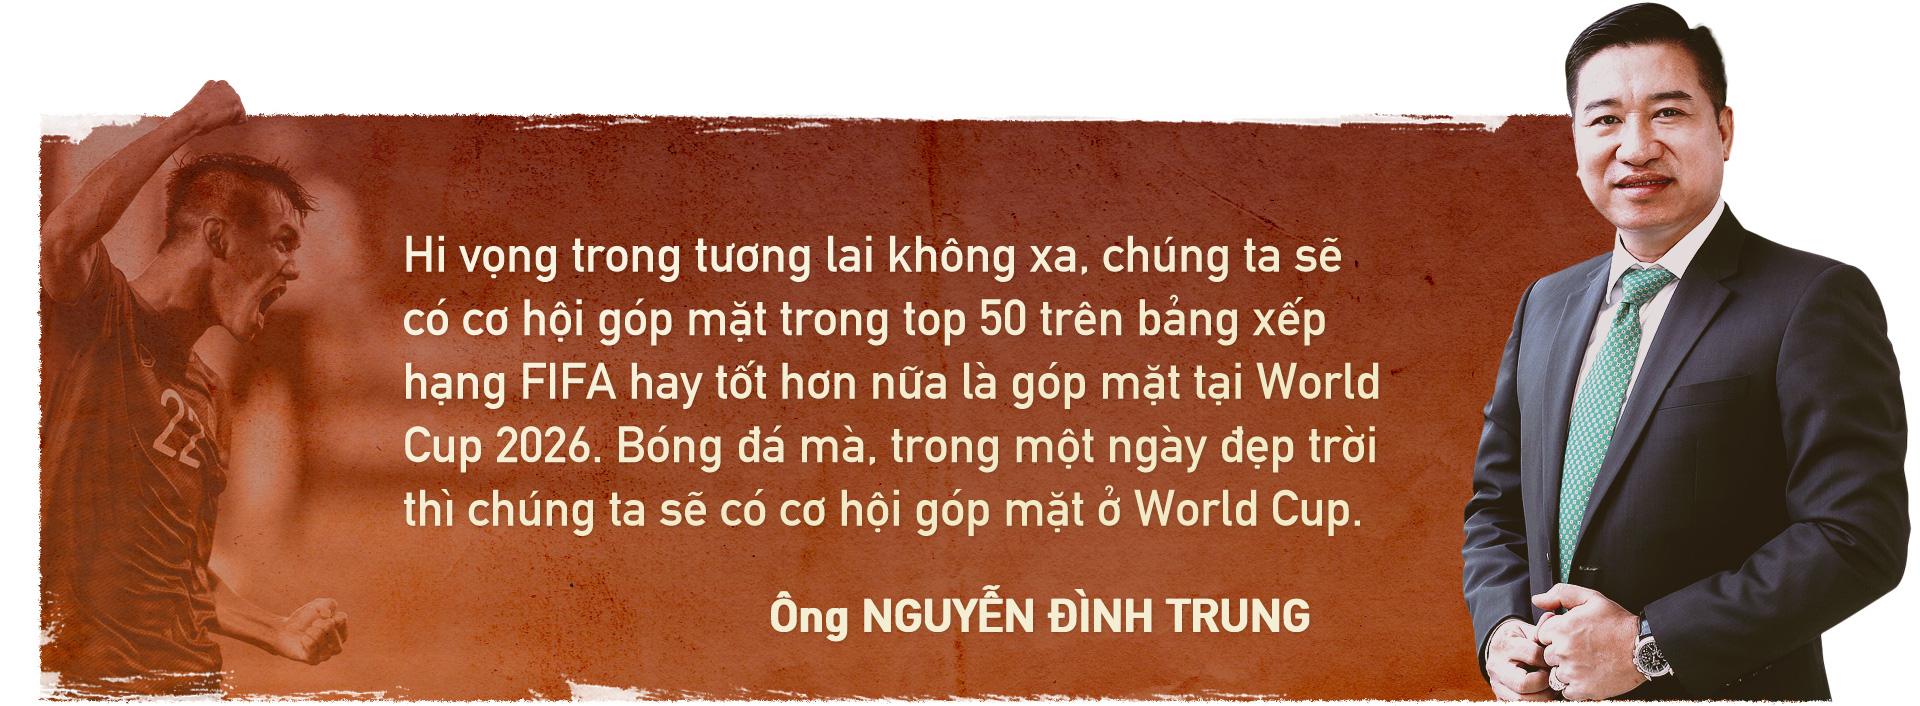 Ông Nguyễn Đình Trung - Chủ tịch Tập đoàn Hưng Thịnh: Tôi kỳ vọng vào World Cup 2026 - Ảnh 4.